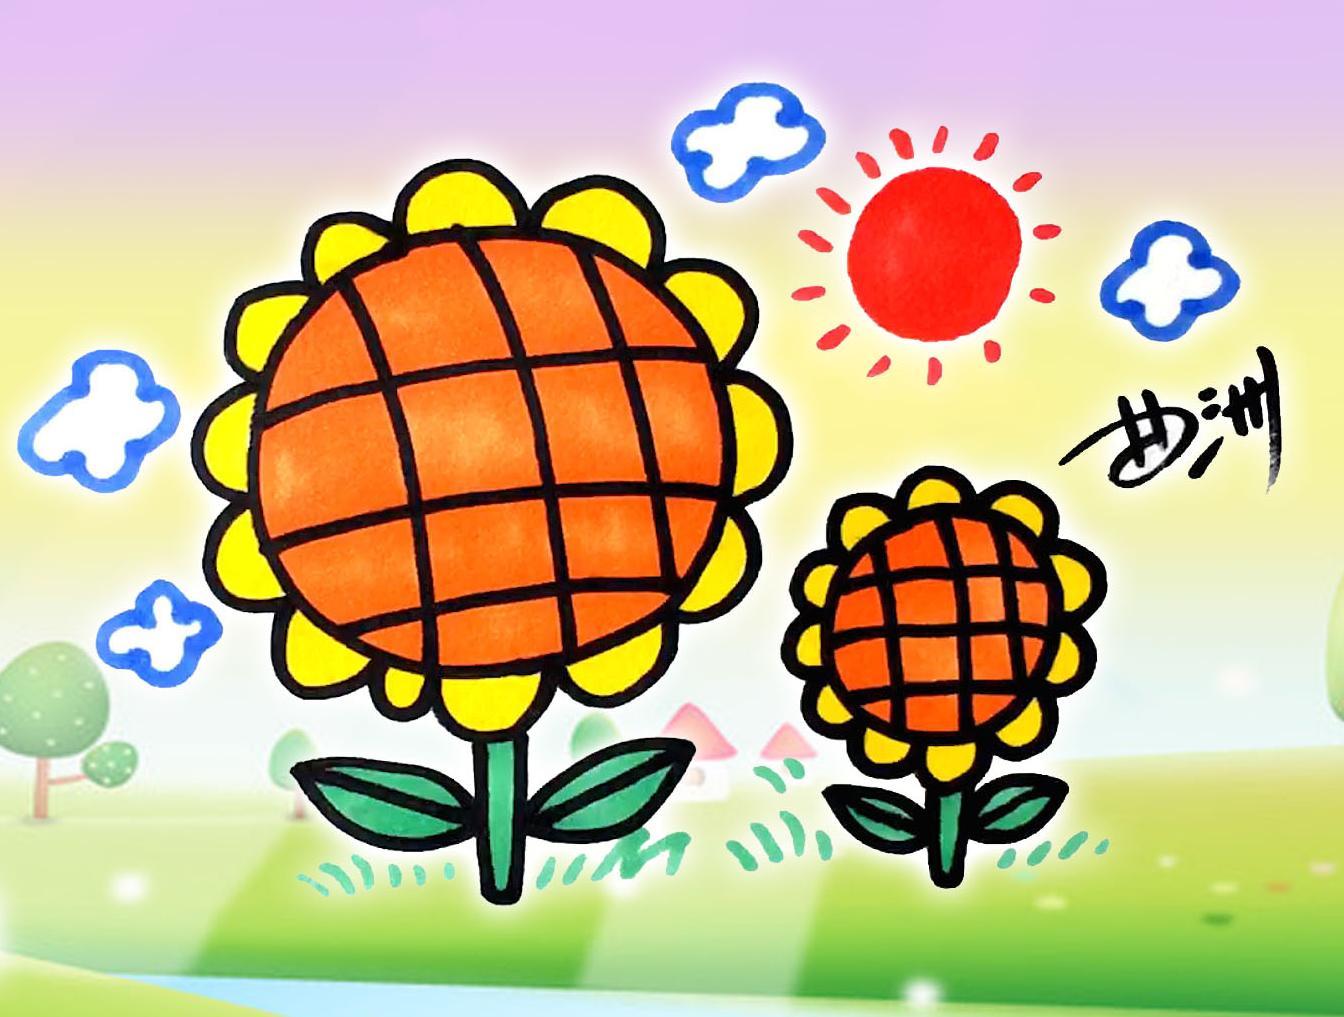 曲洲老师画卡通:少儿简笔画系列—向日葵